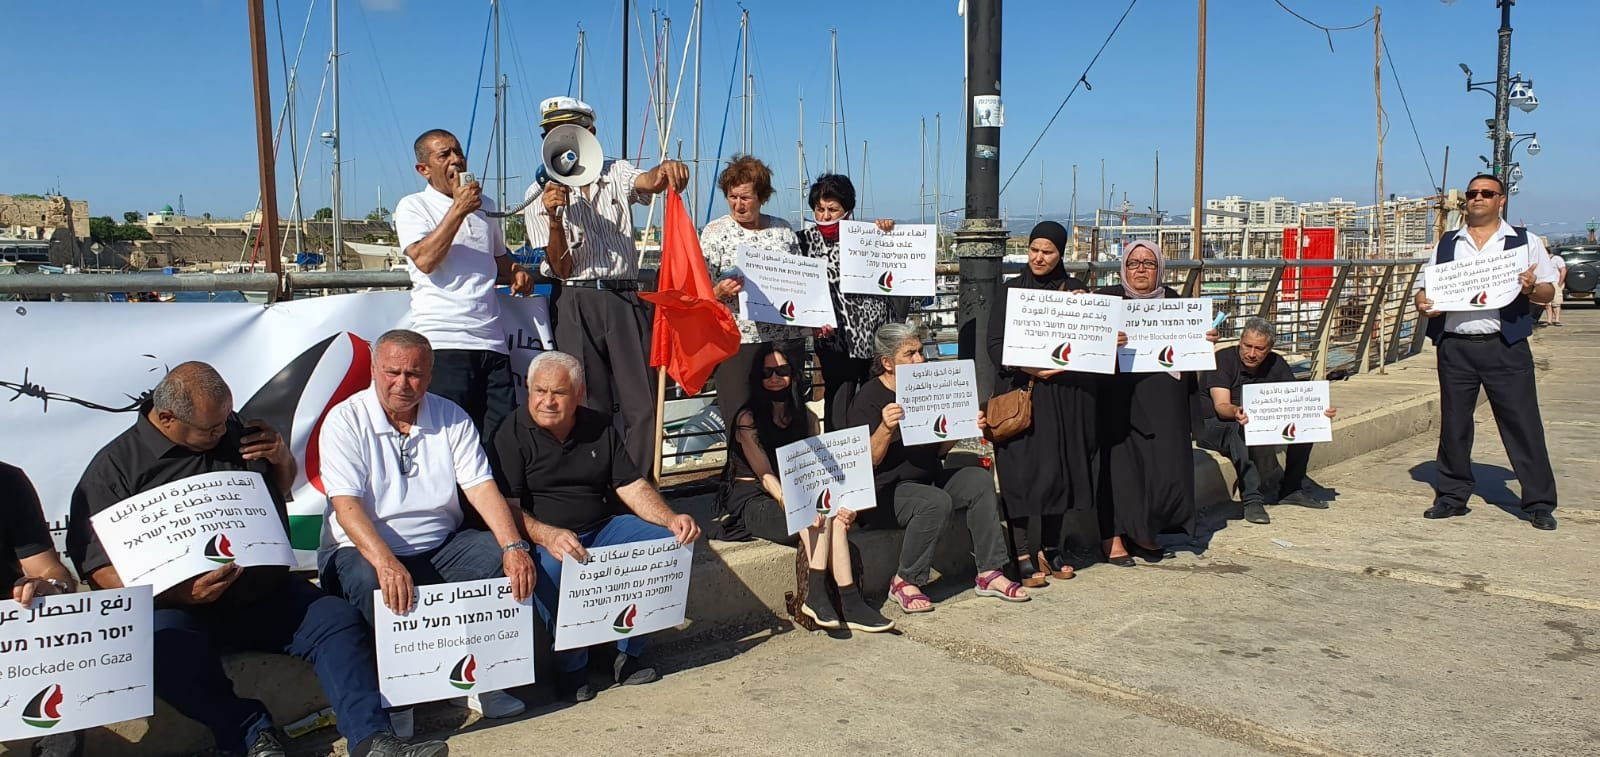 عكا ويافا تستذكران 10 سنوات على اسطول الحرية- مرمرة